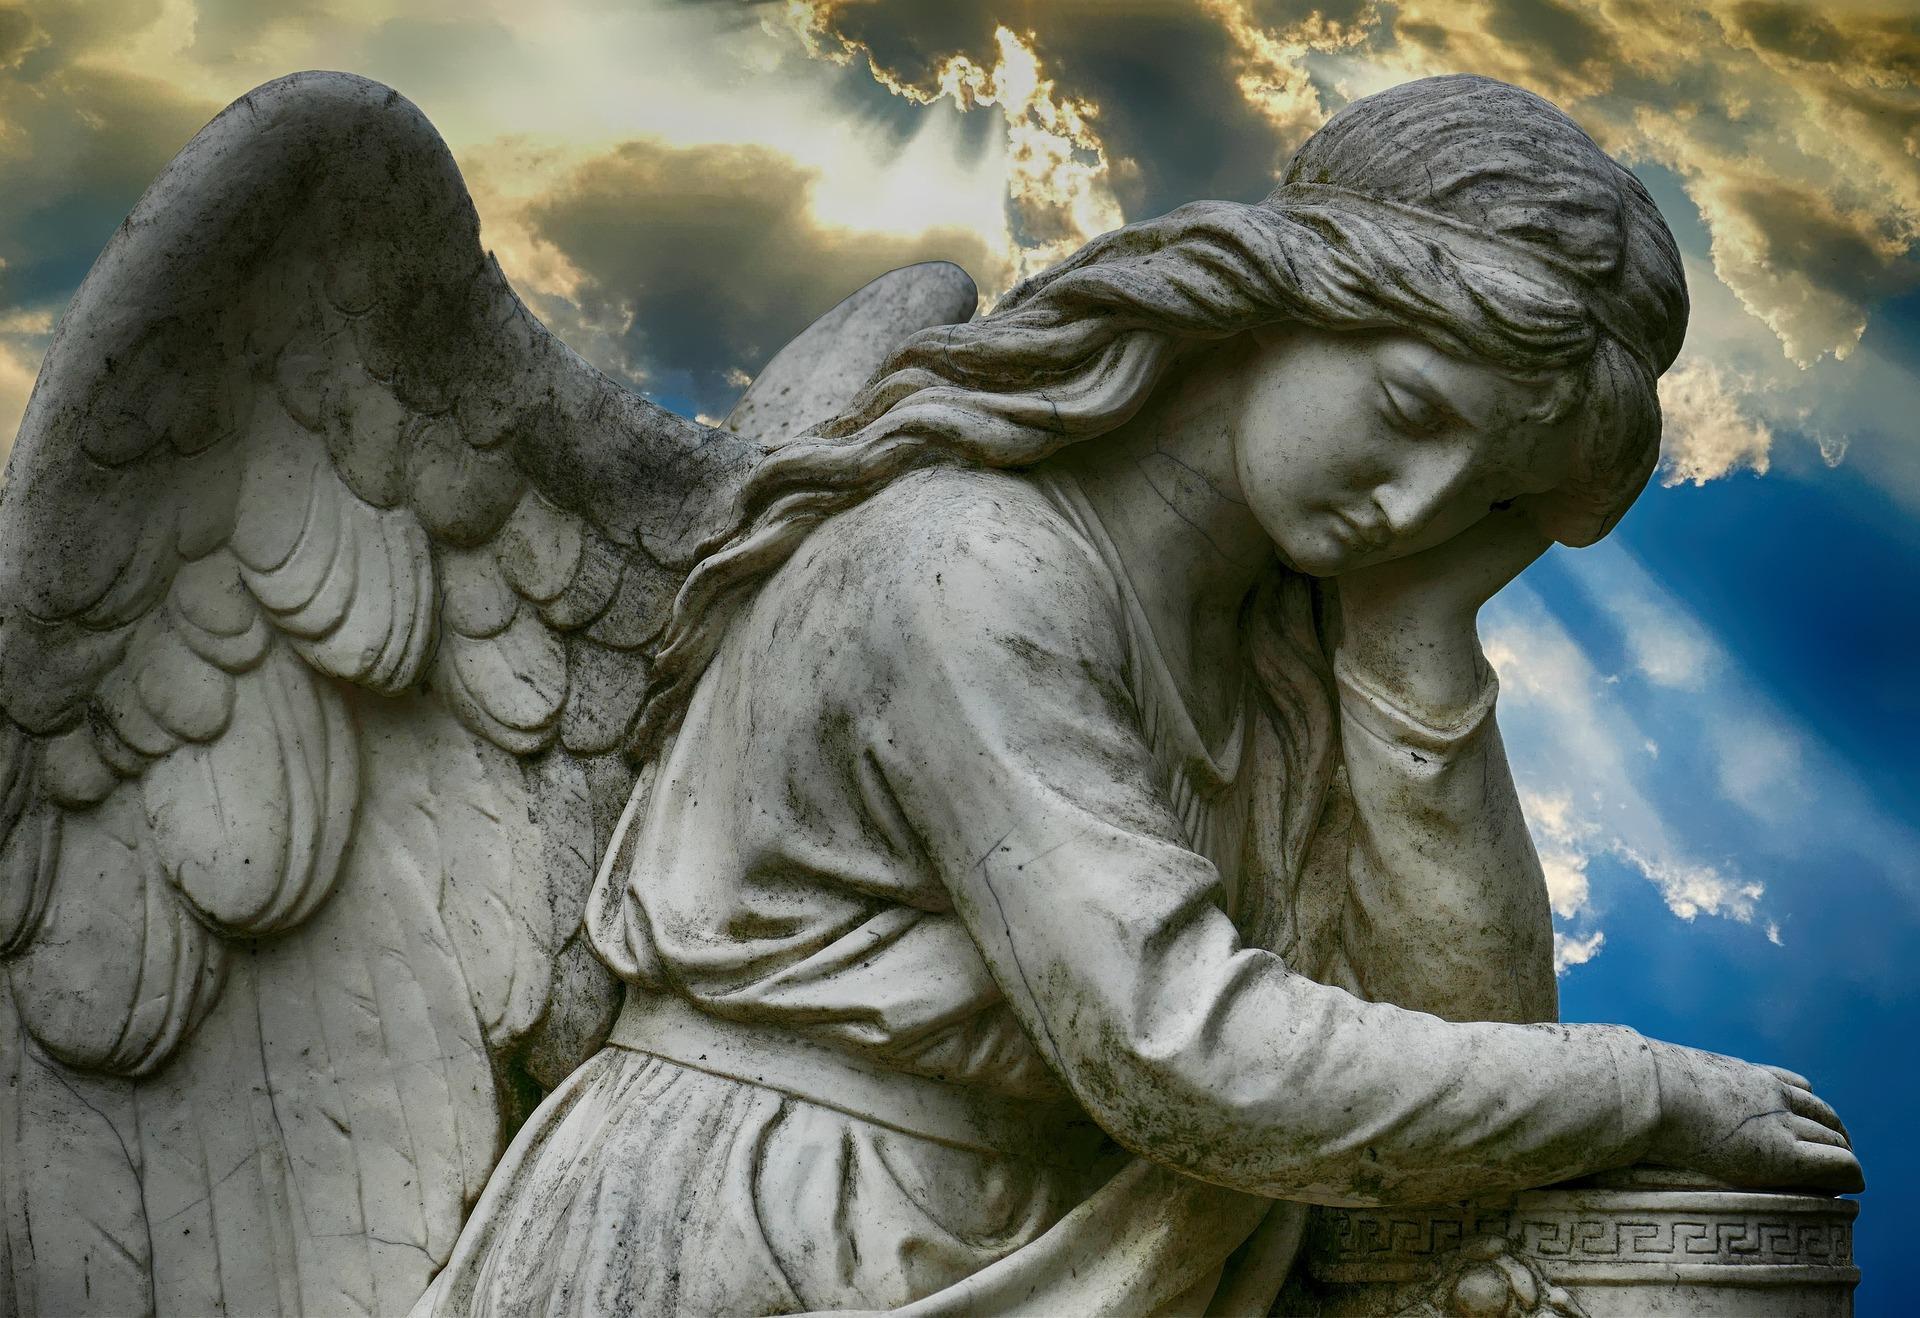 angel 2512756 1920 - Andělé, andělské astrální jemnohmotné bytosti